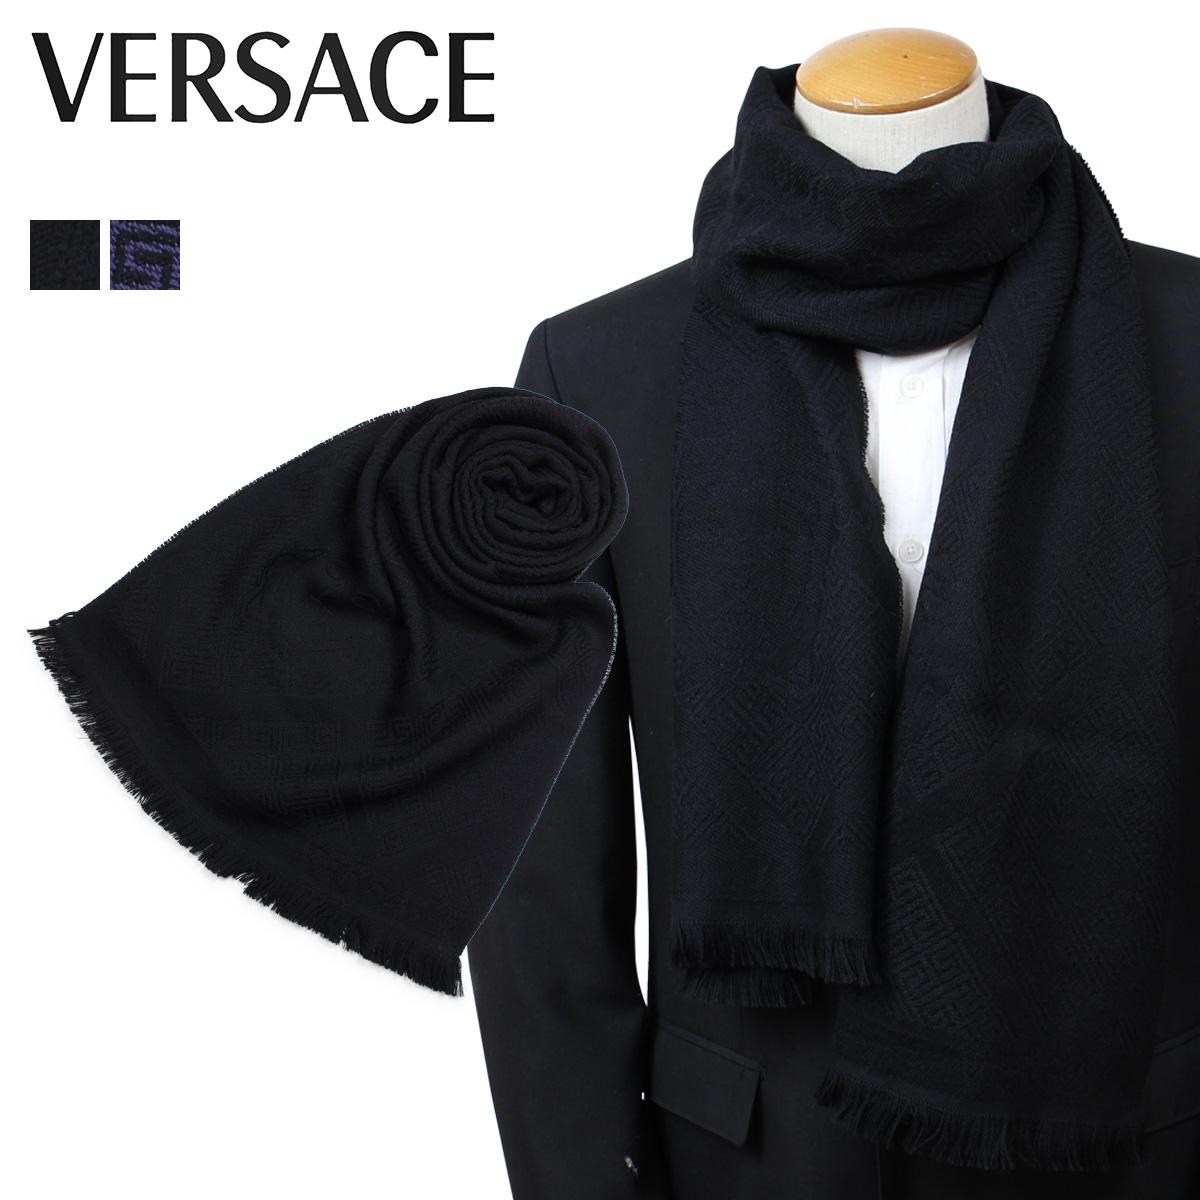 VERSACE 2311 ベルサーチ マフラー ヴェルサーチ メンズ レディース ウール イタリア製 カジュアル ビジネス ブラック パープル